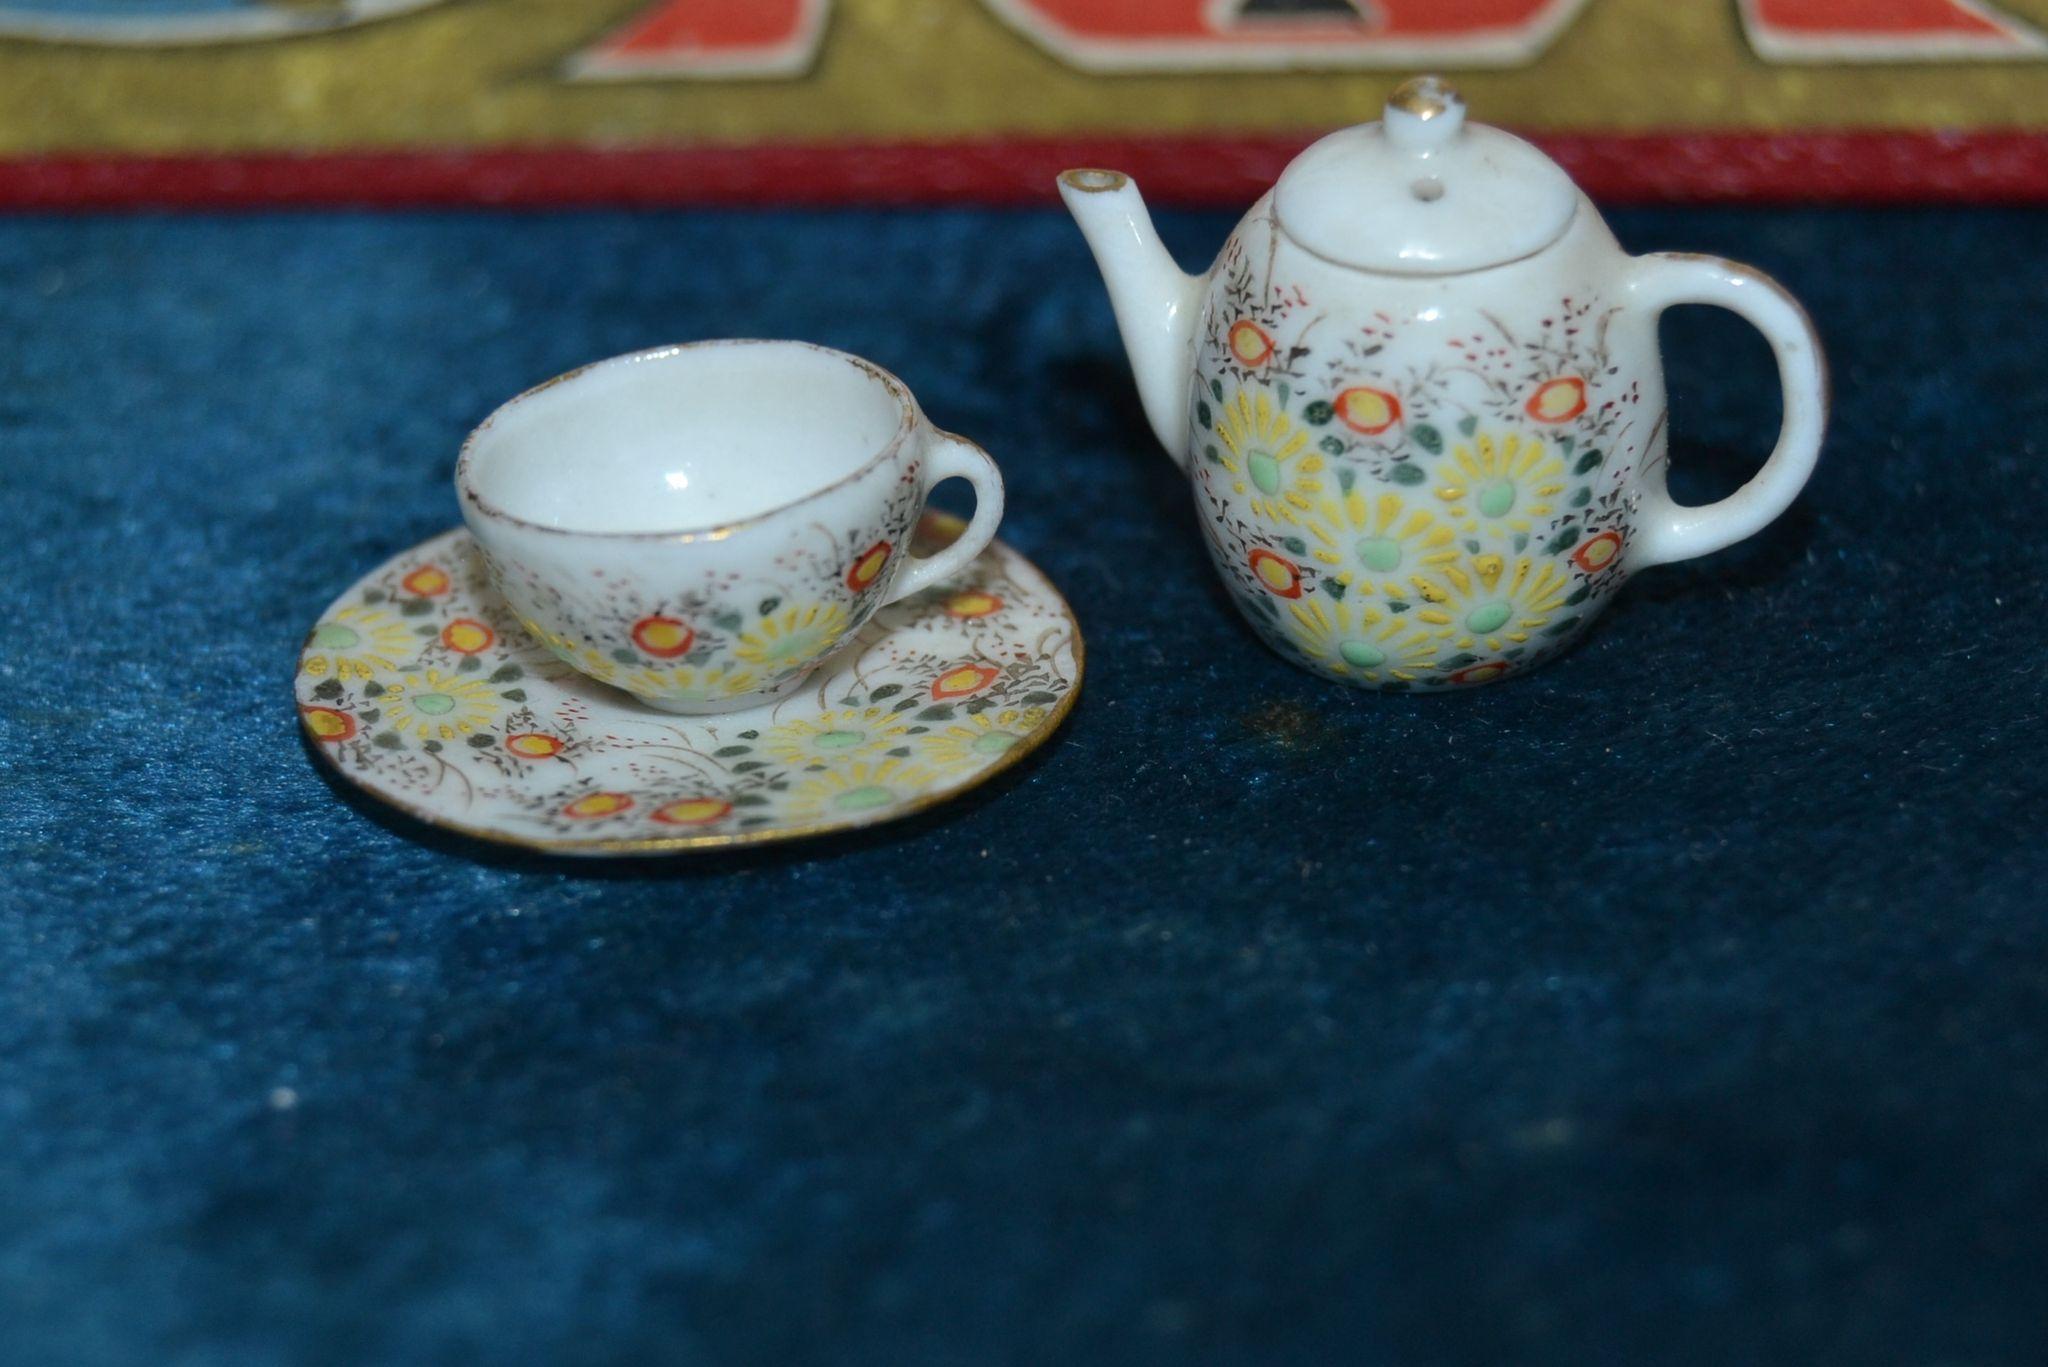 Selfish china tea set 1900 for doll's houses